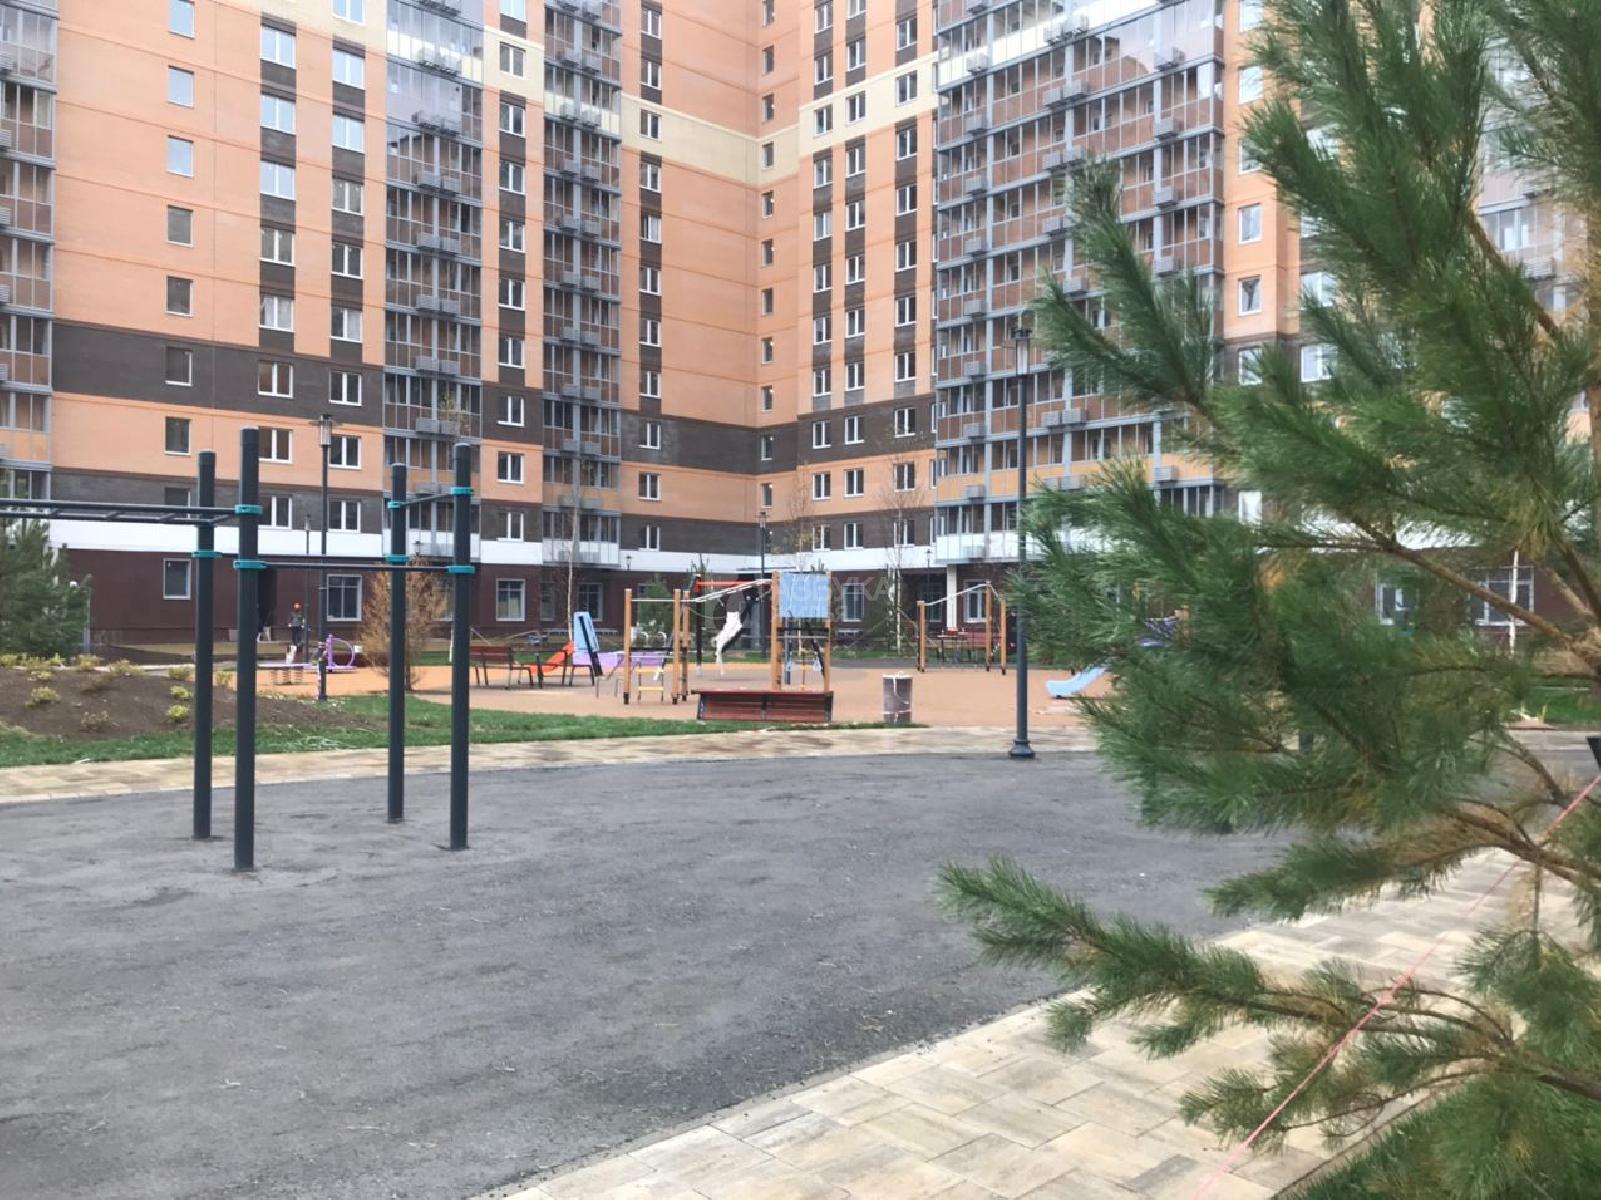 Фото №2 - 2-комнатная квартира, Москва, село Остафьево, Остафьево улица 14 корпус 3